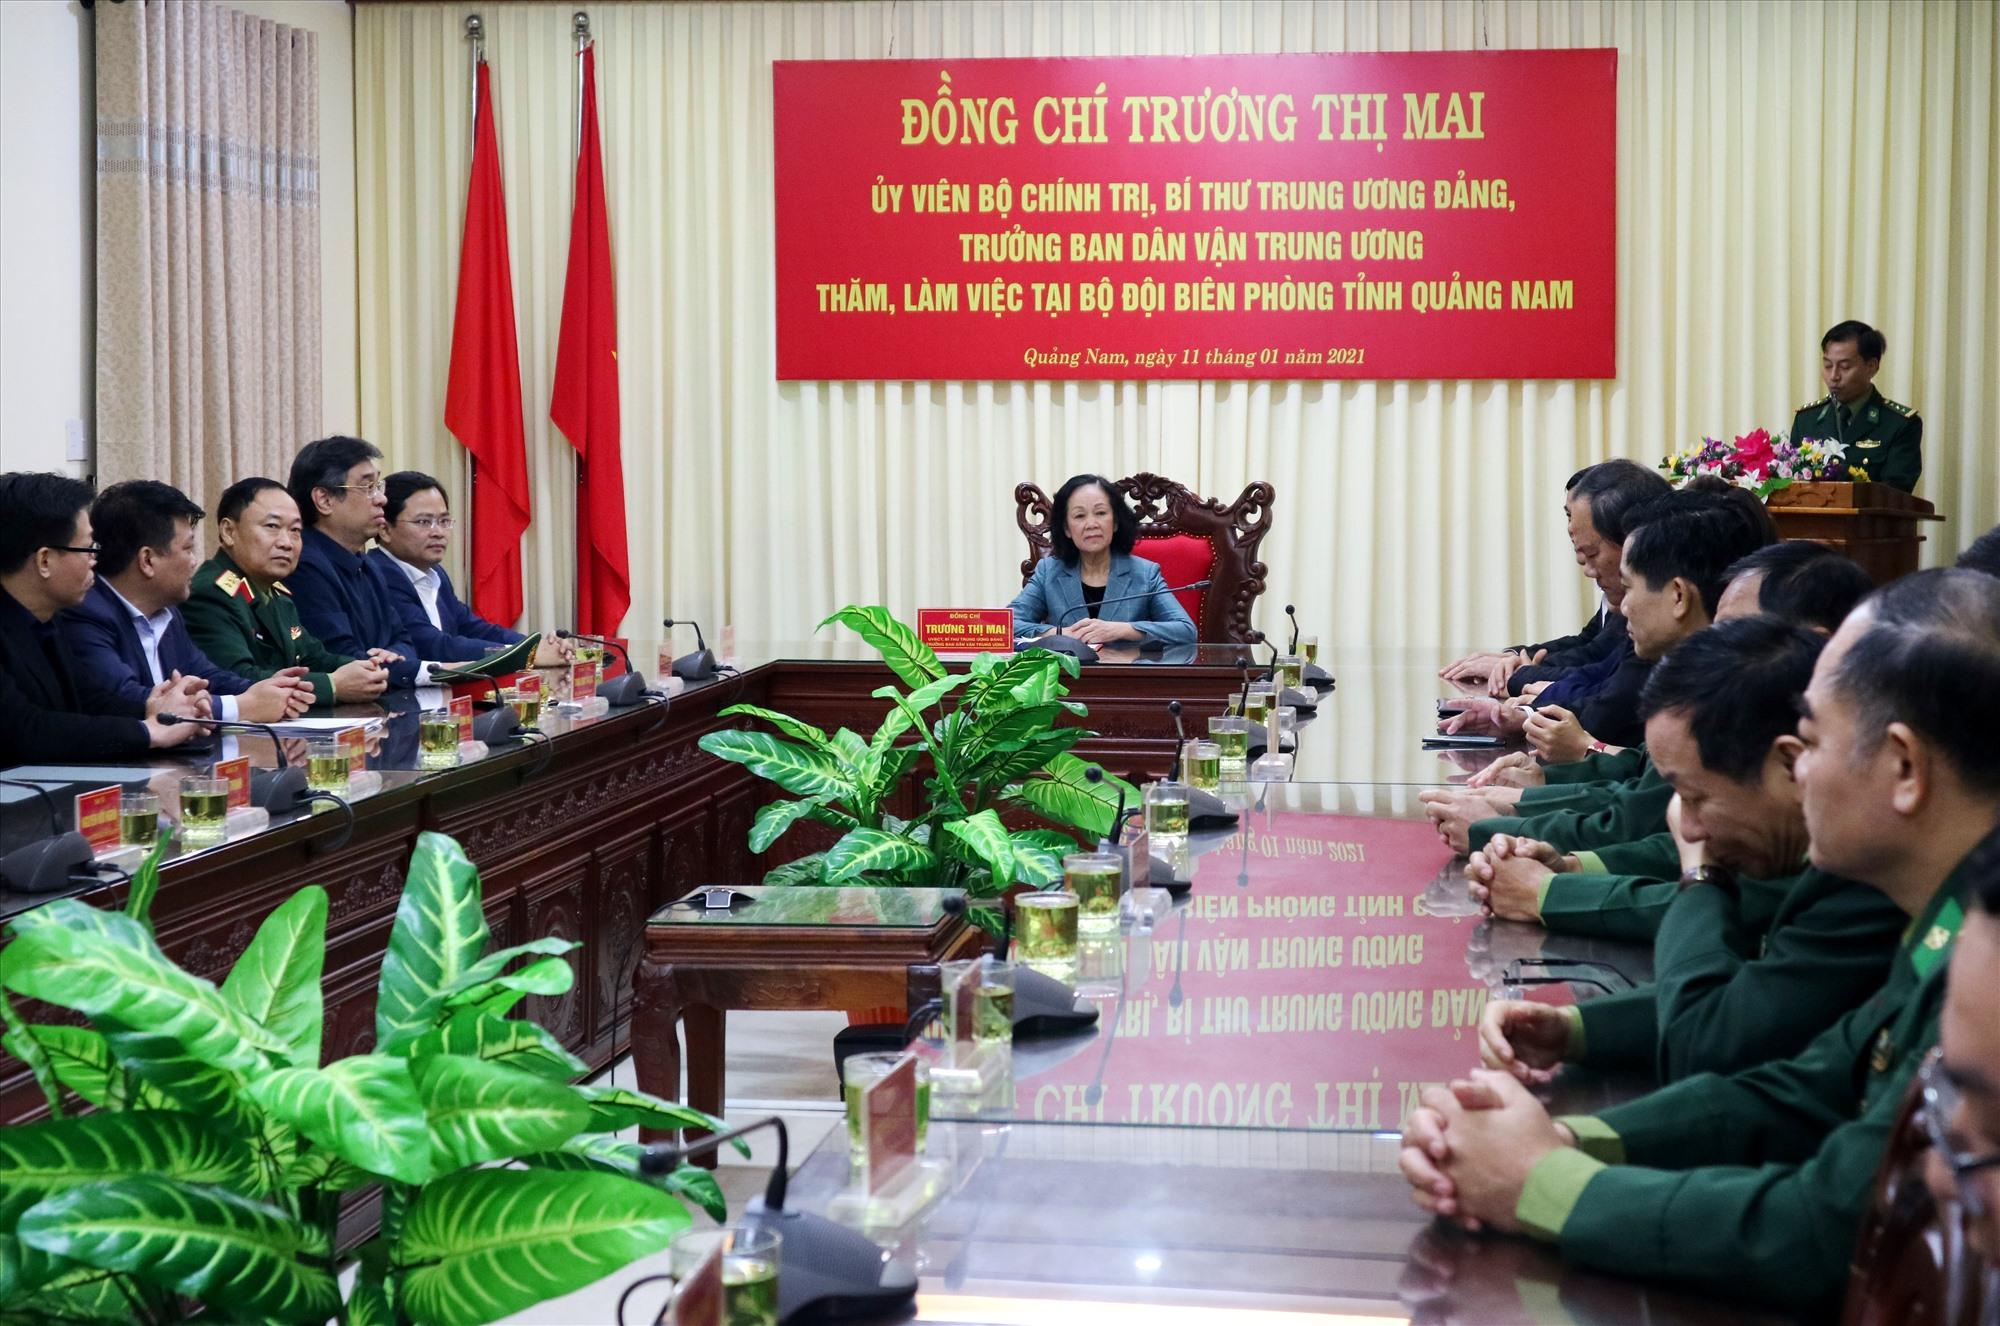 Đoàn công tác của Ban Dân vận Trung ương do đồng chí Trương Thị Mai đến thăm lực lượng quân đội tham gia cứu hộ thiên tai tại tỉnh Quảng Nam vào chiều nay 11.1. Ảnh: A.N